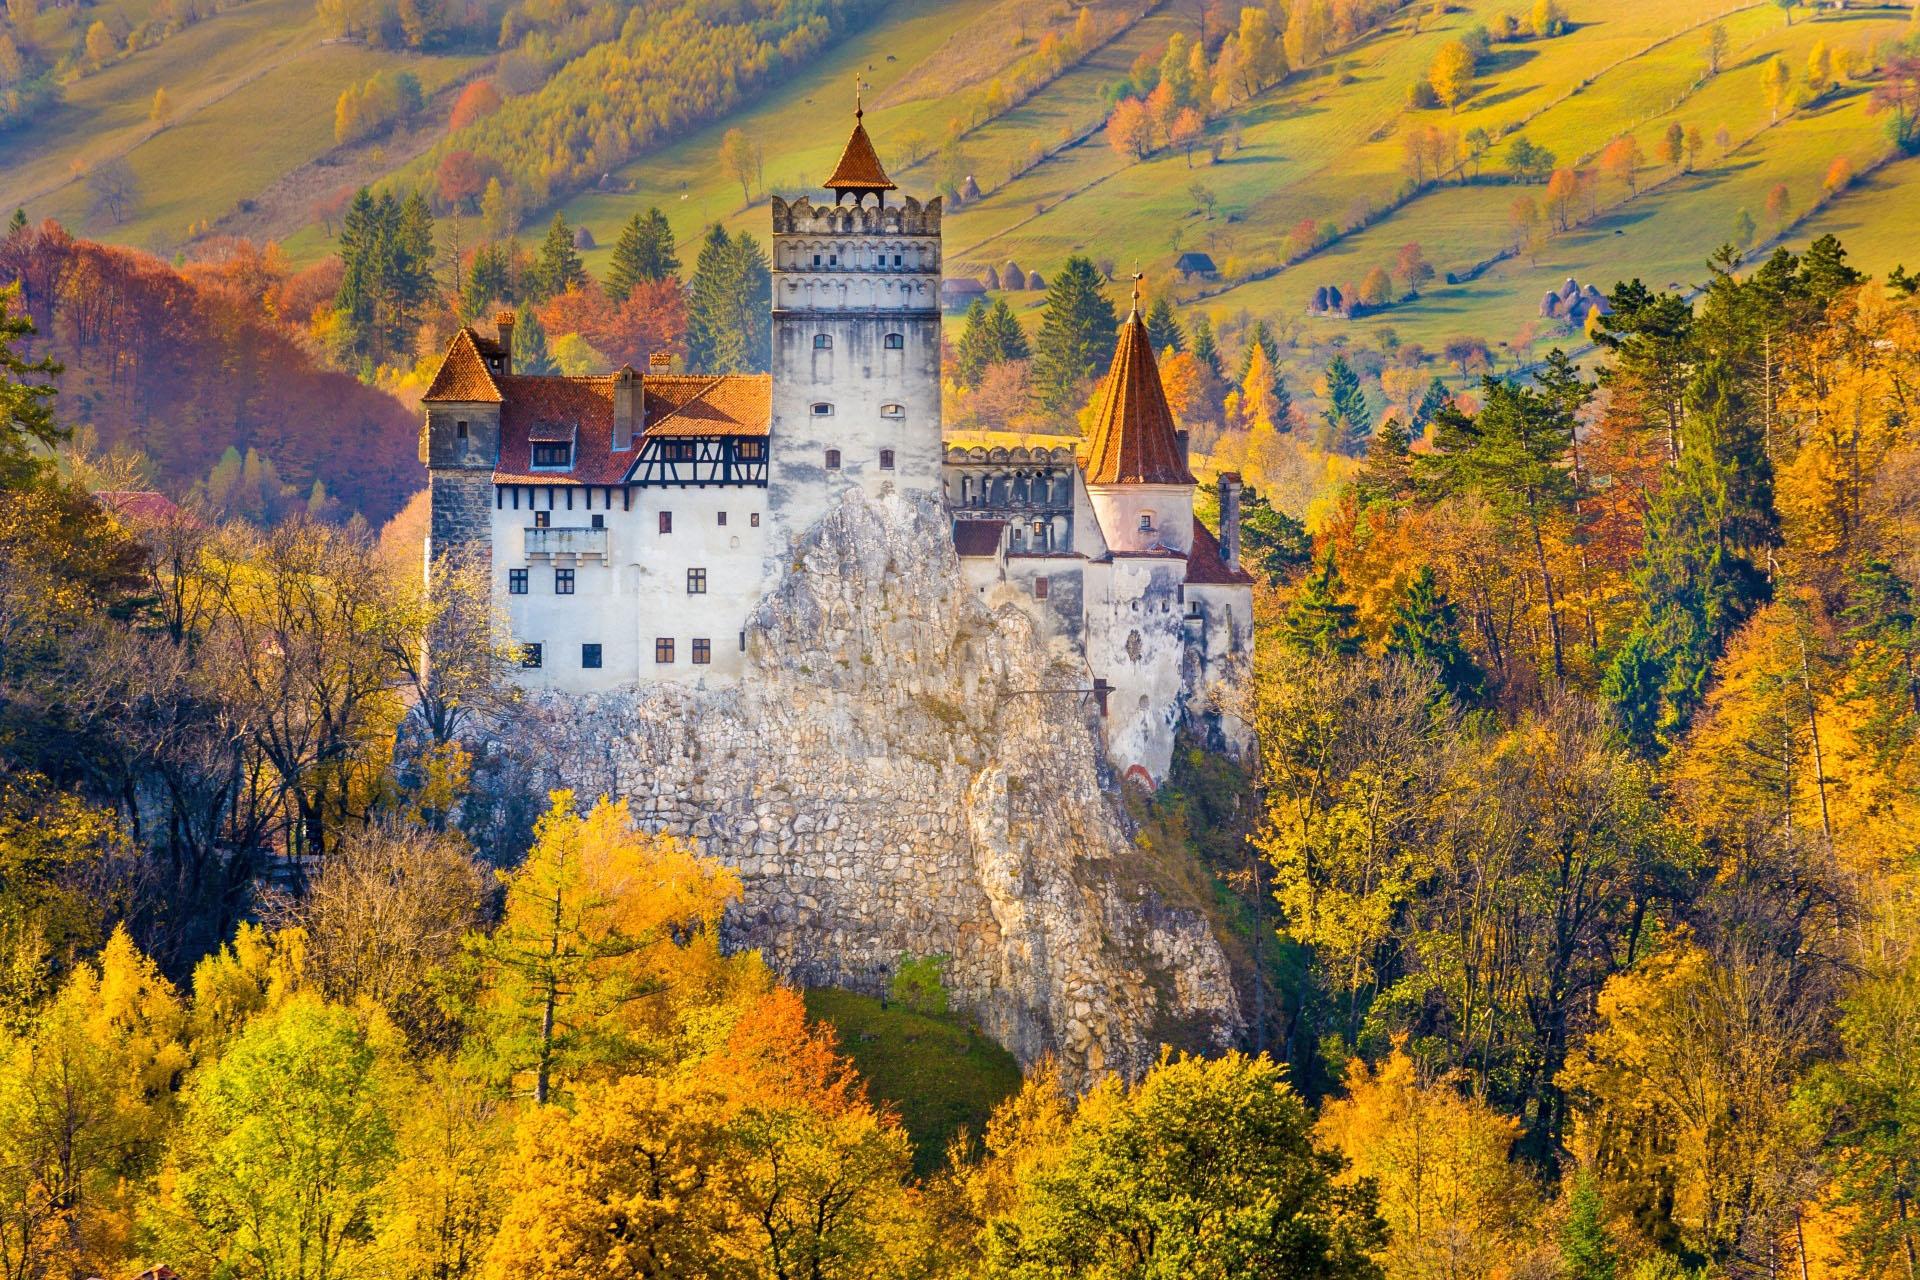 秋のブラン城 ルーマニアの風景